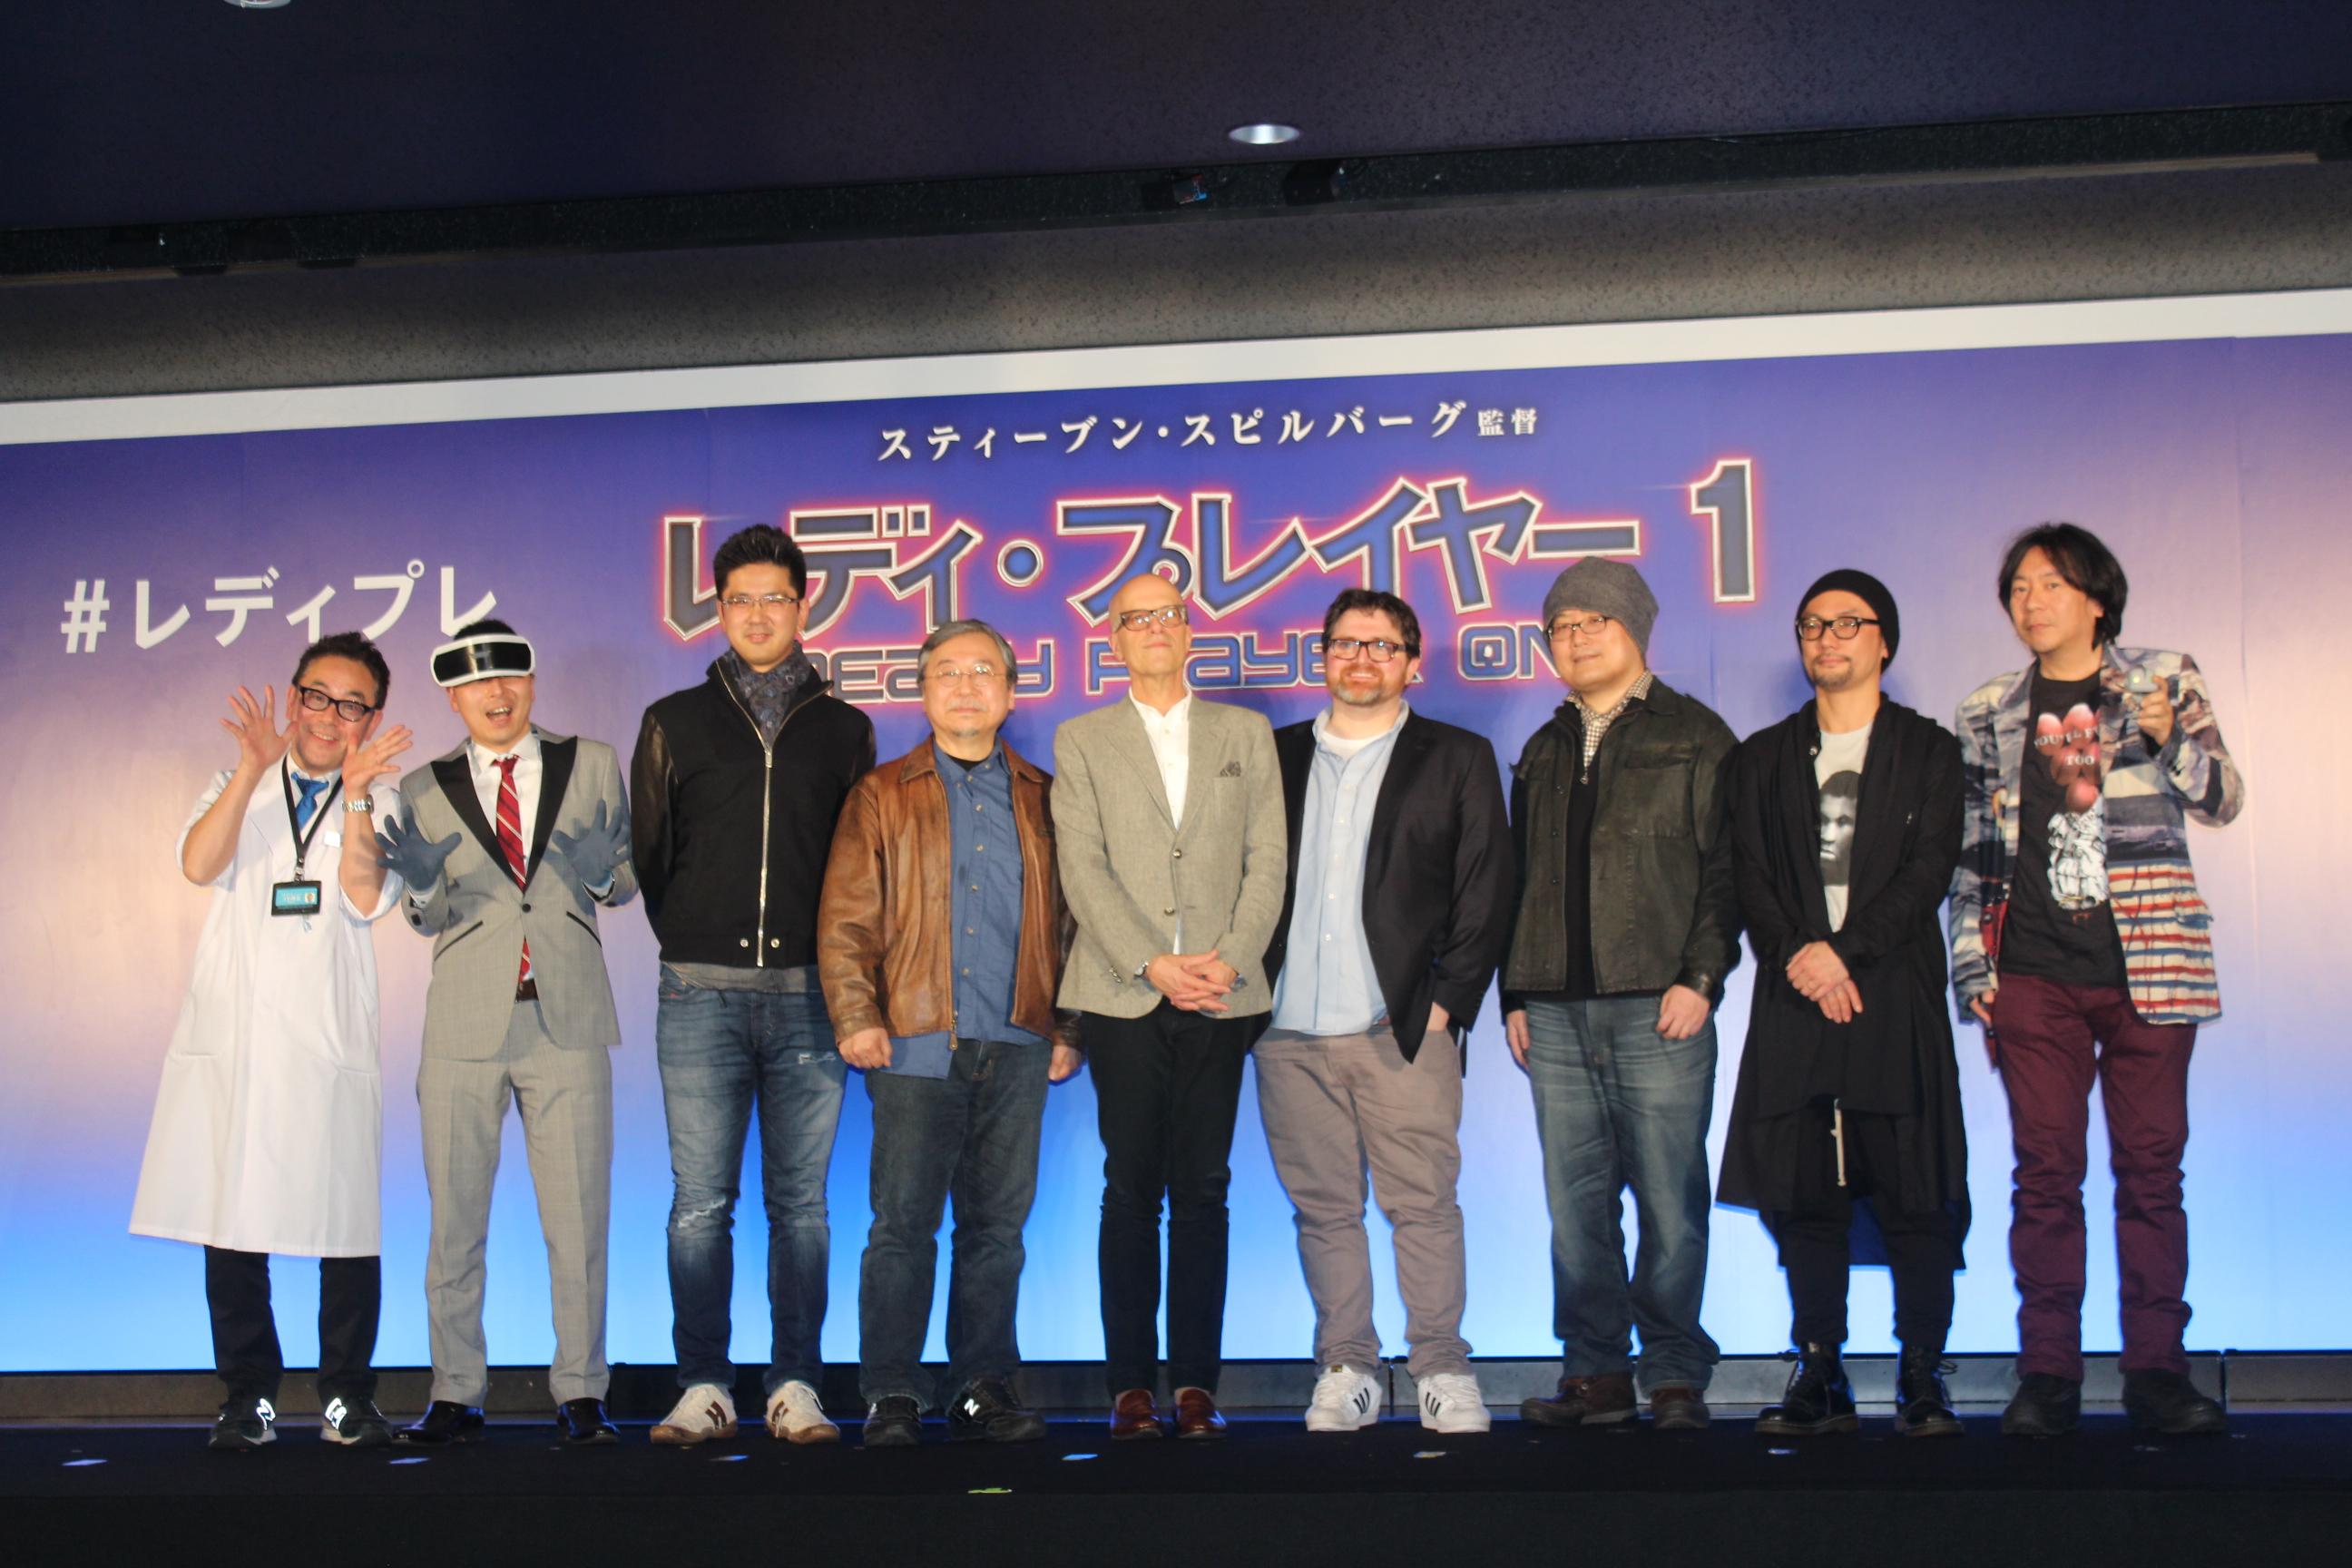 映画『レディ・プレイヤー1』セレブレーションイベントレポ